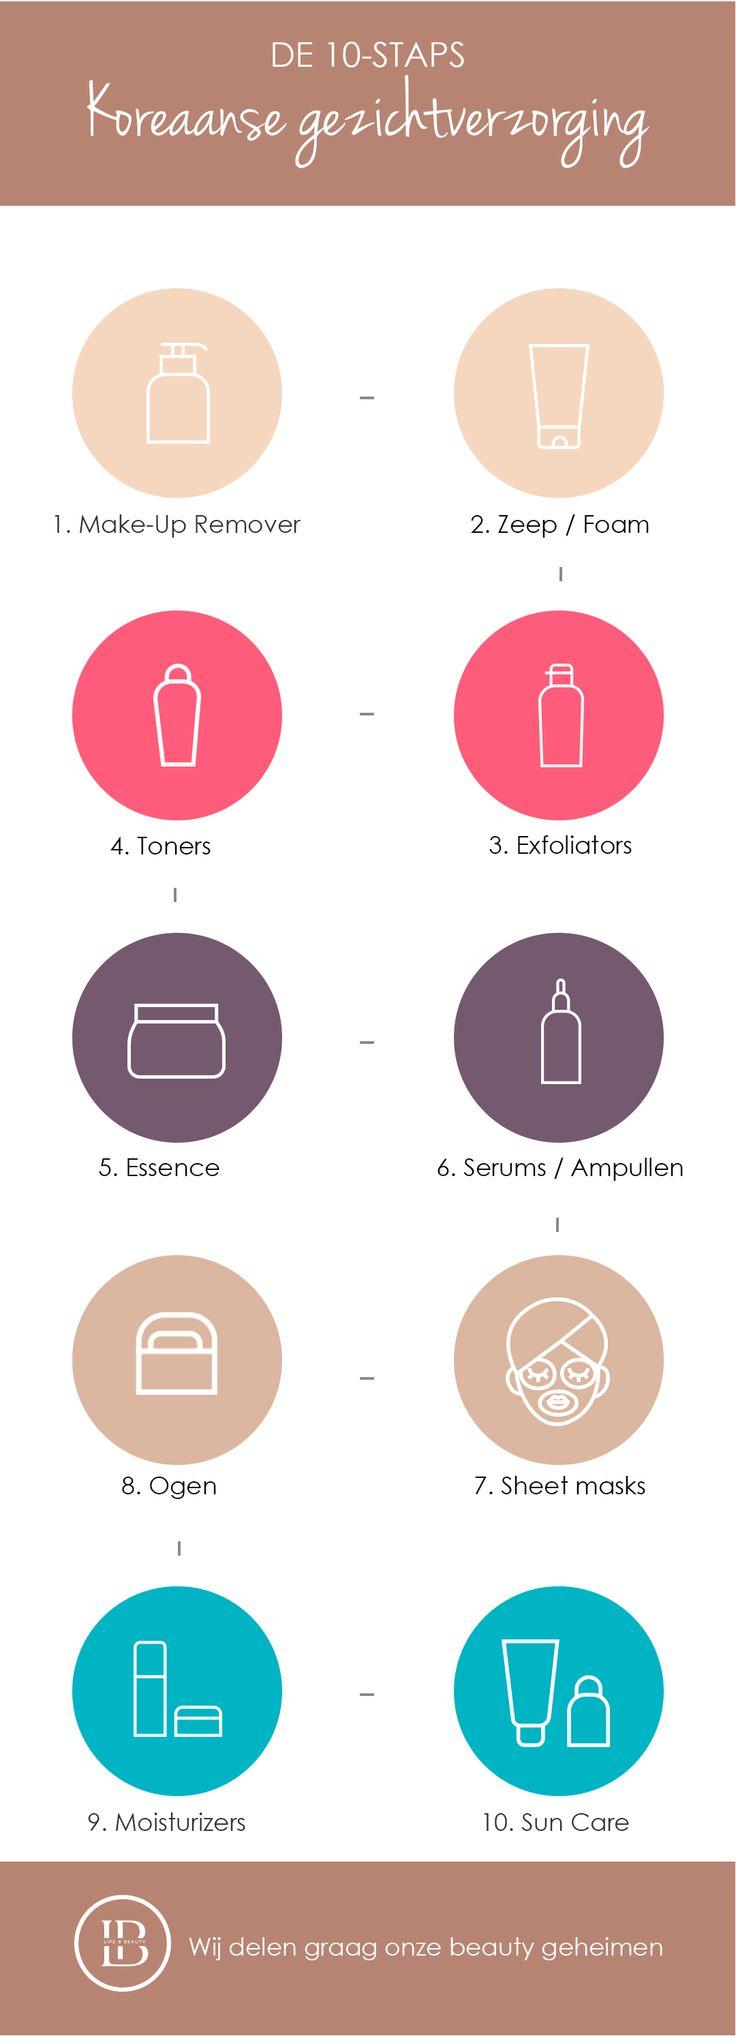 Wil jij Koreaanse huidverzorging kopen, maar weet je niet precies wat het is? Termen zoals K-beauty, 10-staps Koreaanse huidverzorging lijken misschien indrukwekkend. Met deze infographic van Life and Beauty shop heb je alle informatie! #lifeandbeautyshop